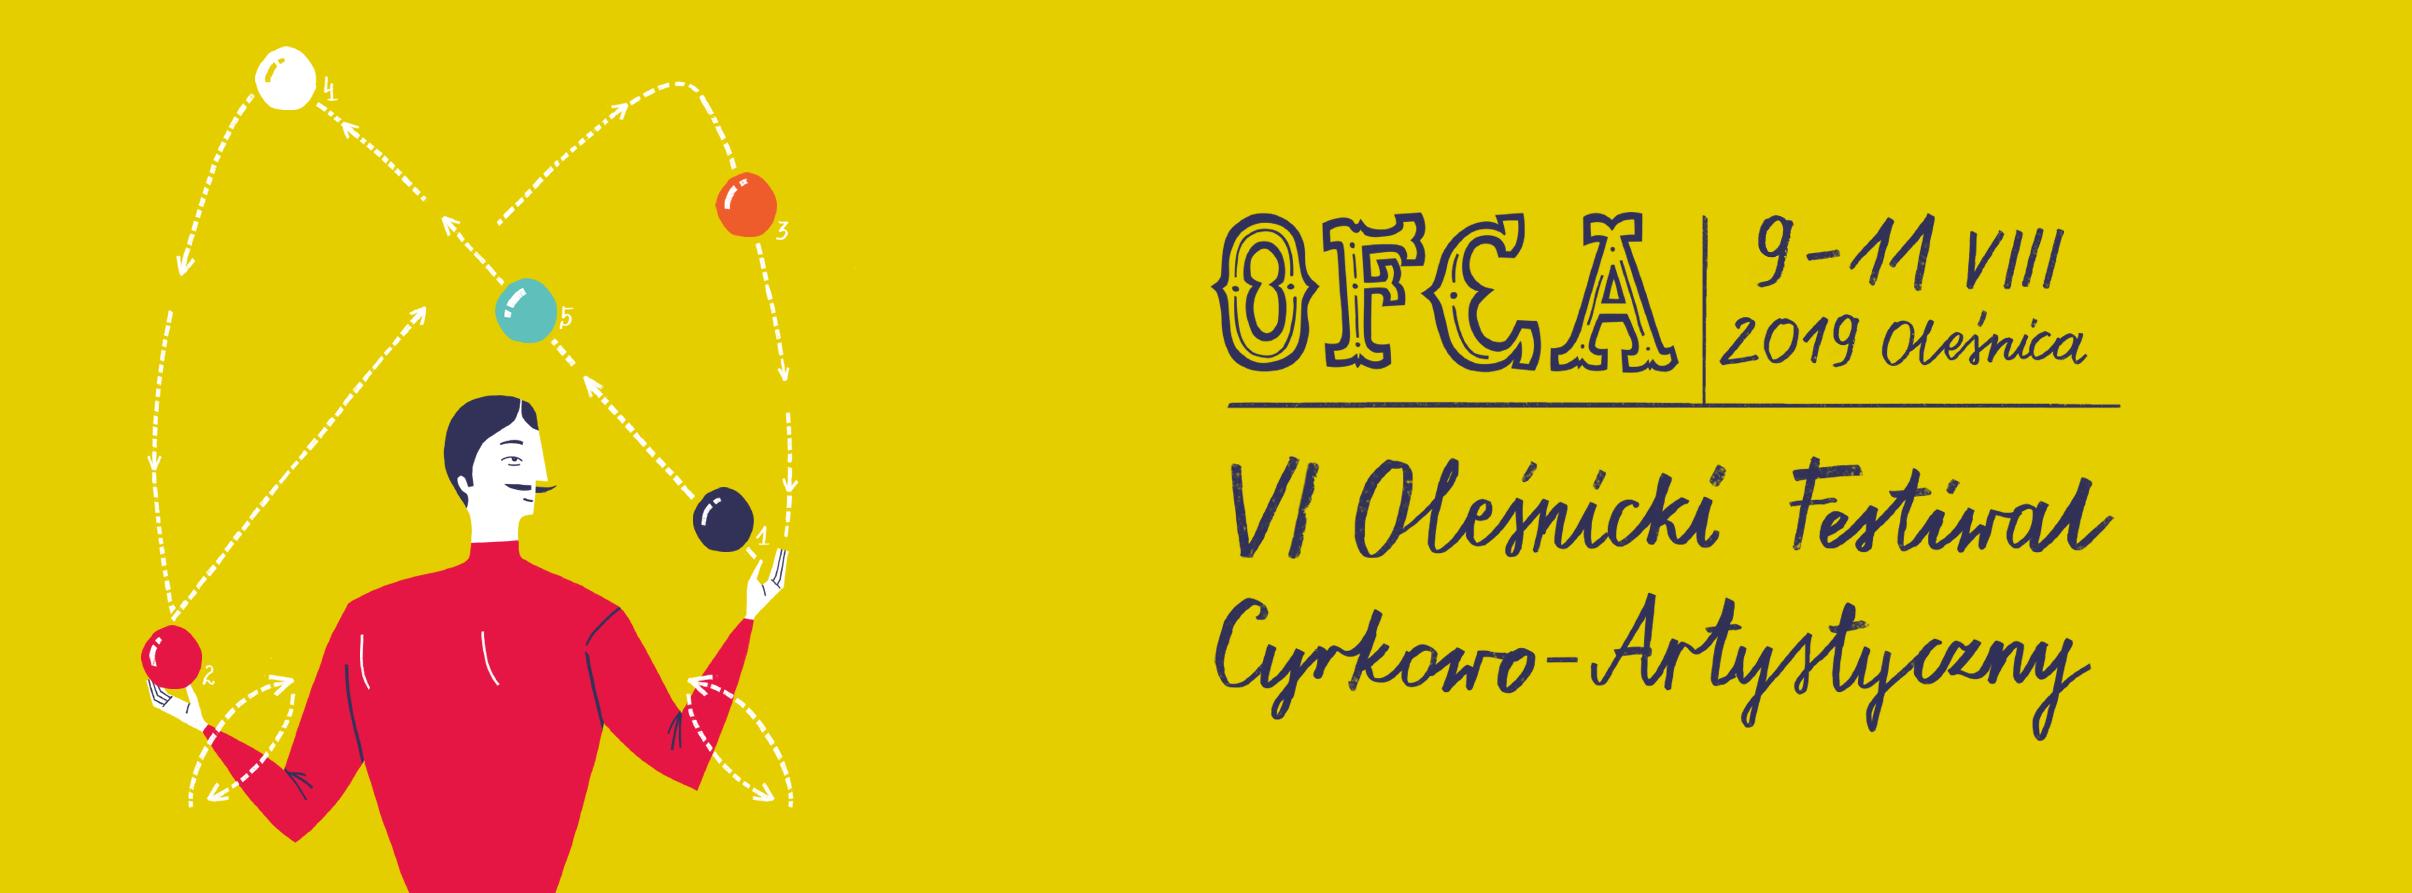 OFCA - 6 Oleśnicki Festiwal Cyrkowo Artystyczny @ Oleśnica | Oleśnica | Województwo dolnośląskie | Polska